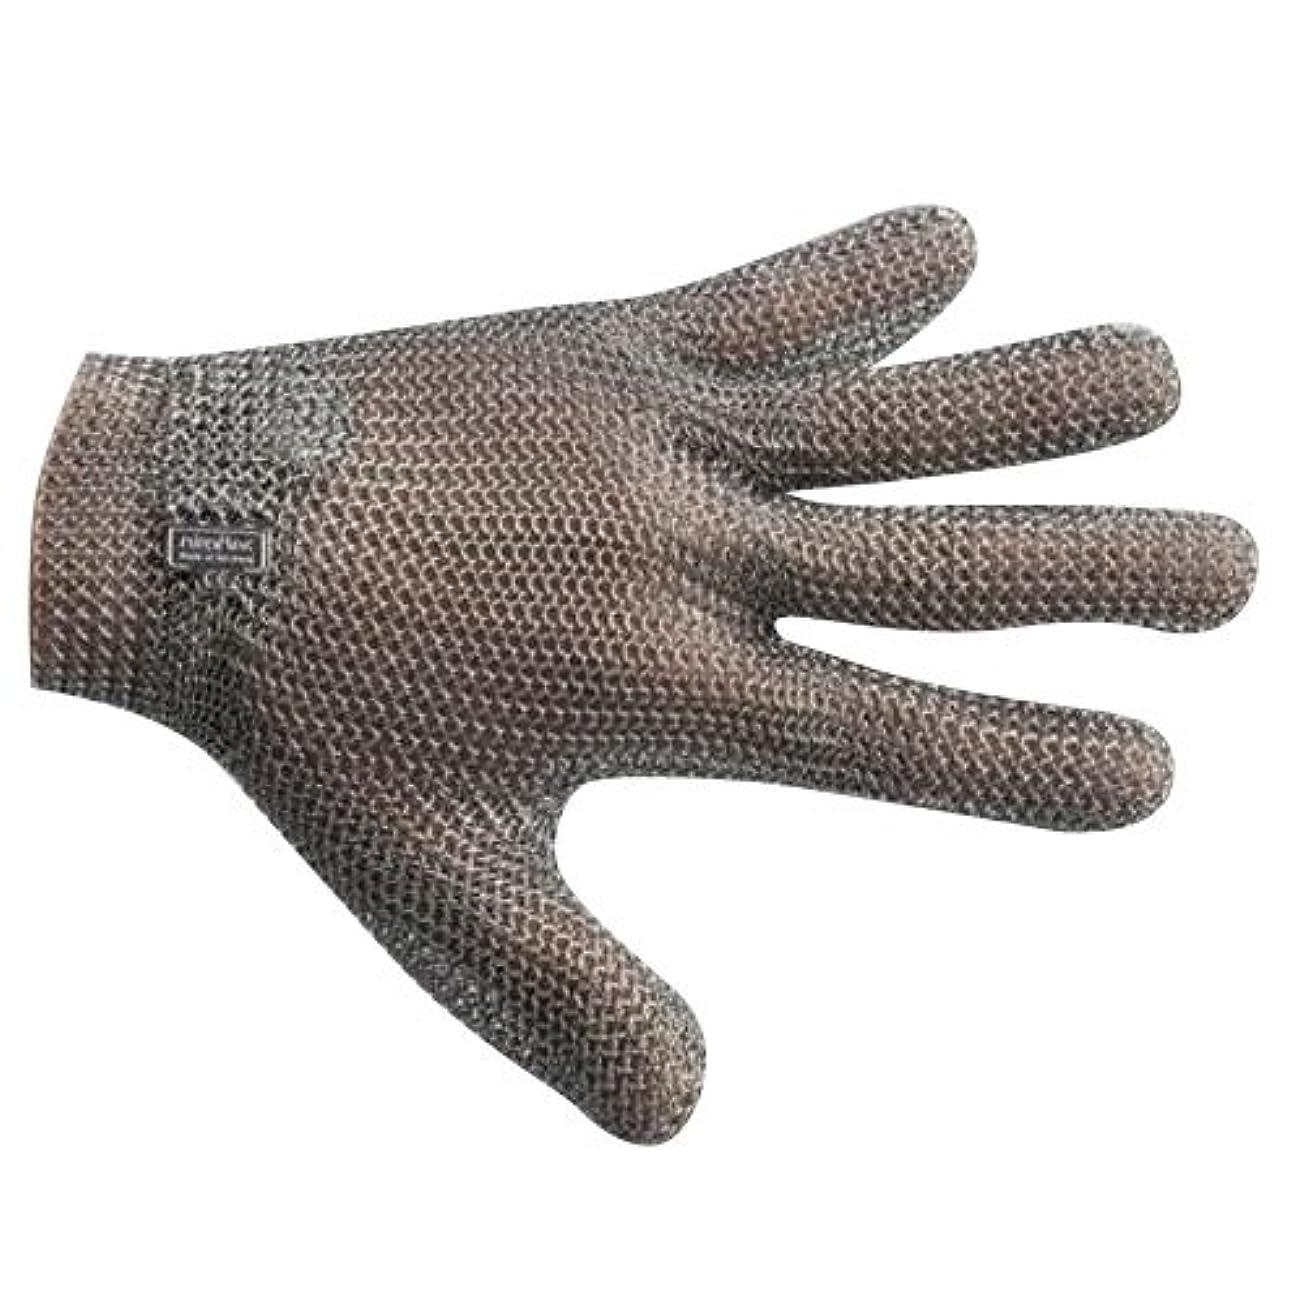 スーパーマーケットきちんとした冷蔵する宇都宮製作 GU-2500 ステンレスメッシュ手袋 5本指(左右兼用) S